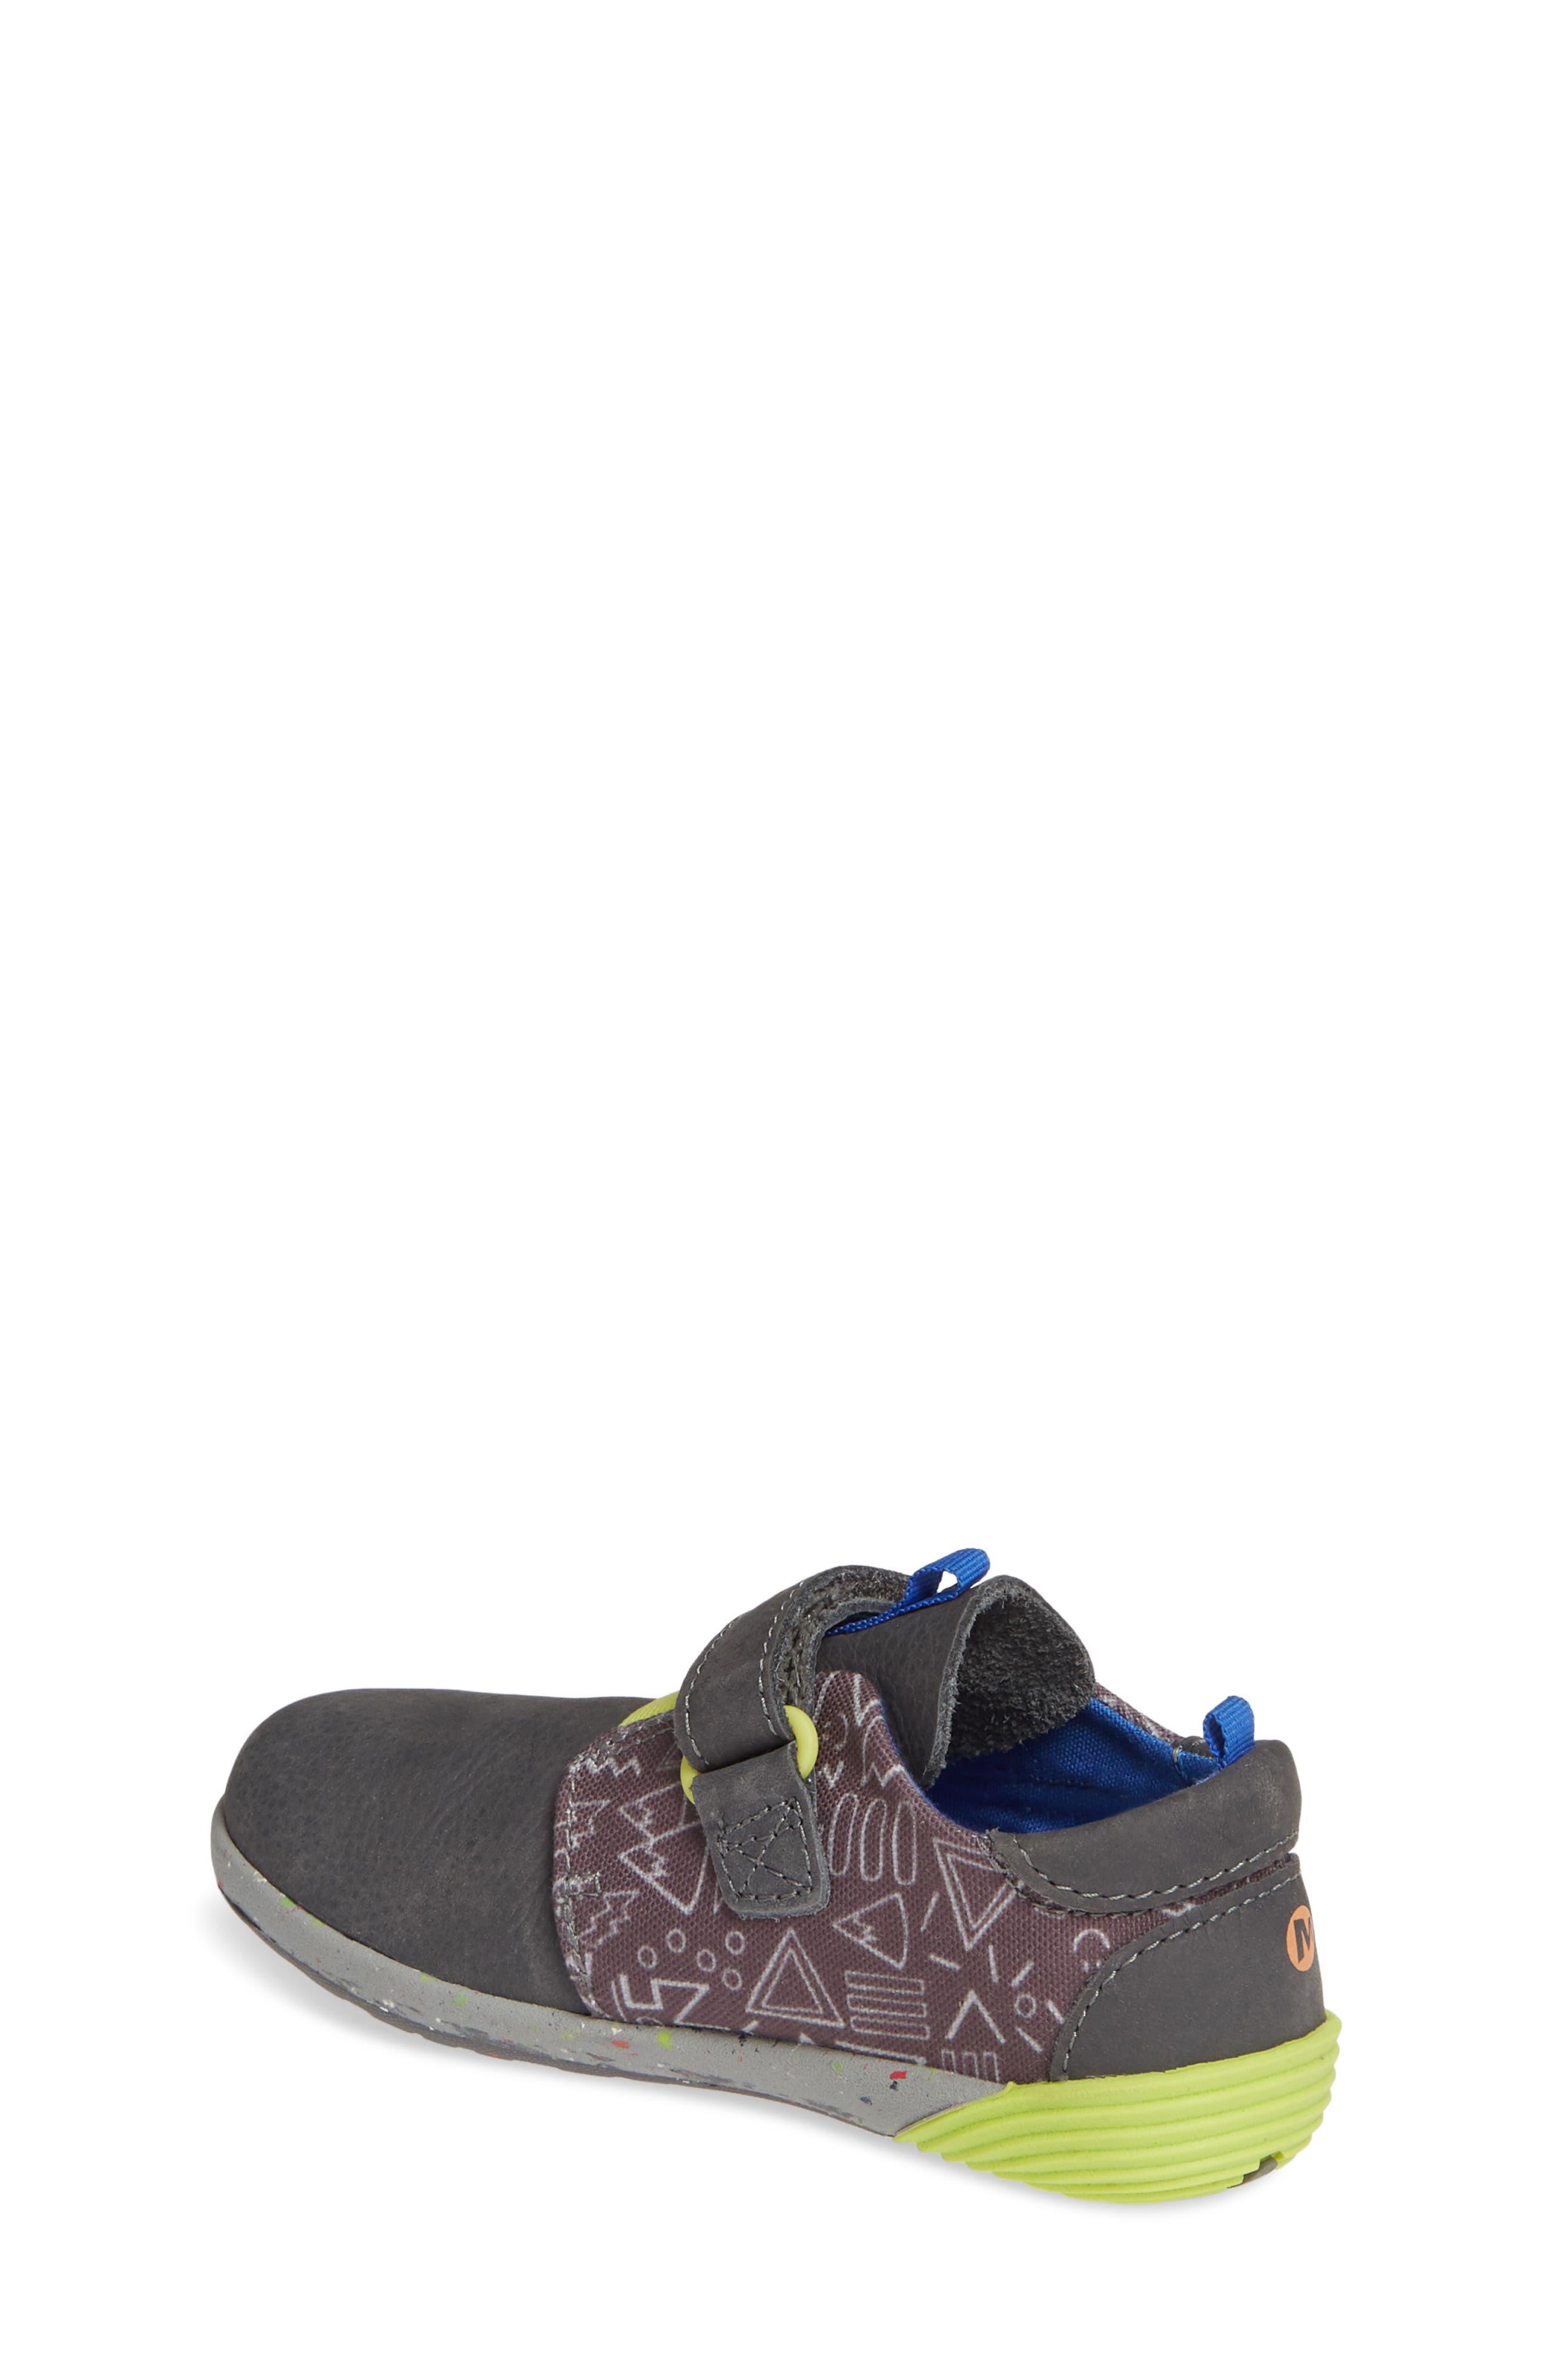 MERRELL, Bare Steps Sneaker, Alternate thumbnail 2, color, GREY